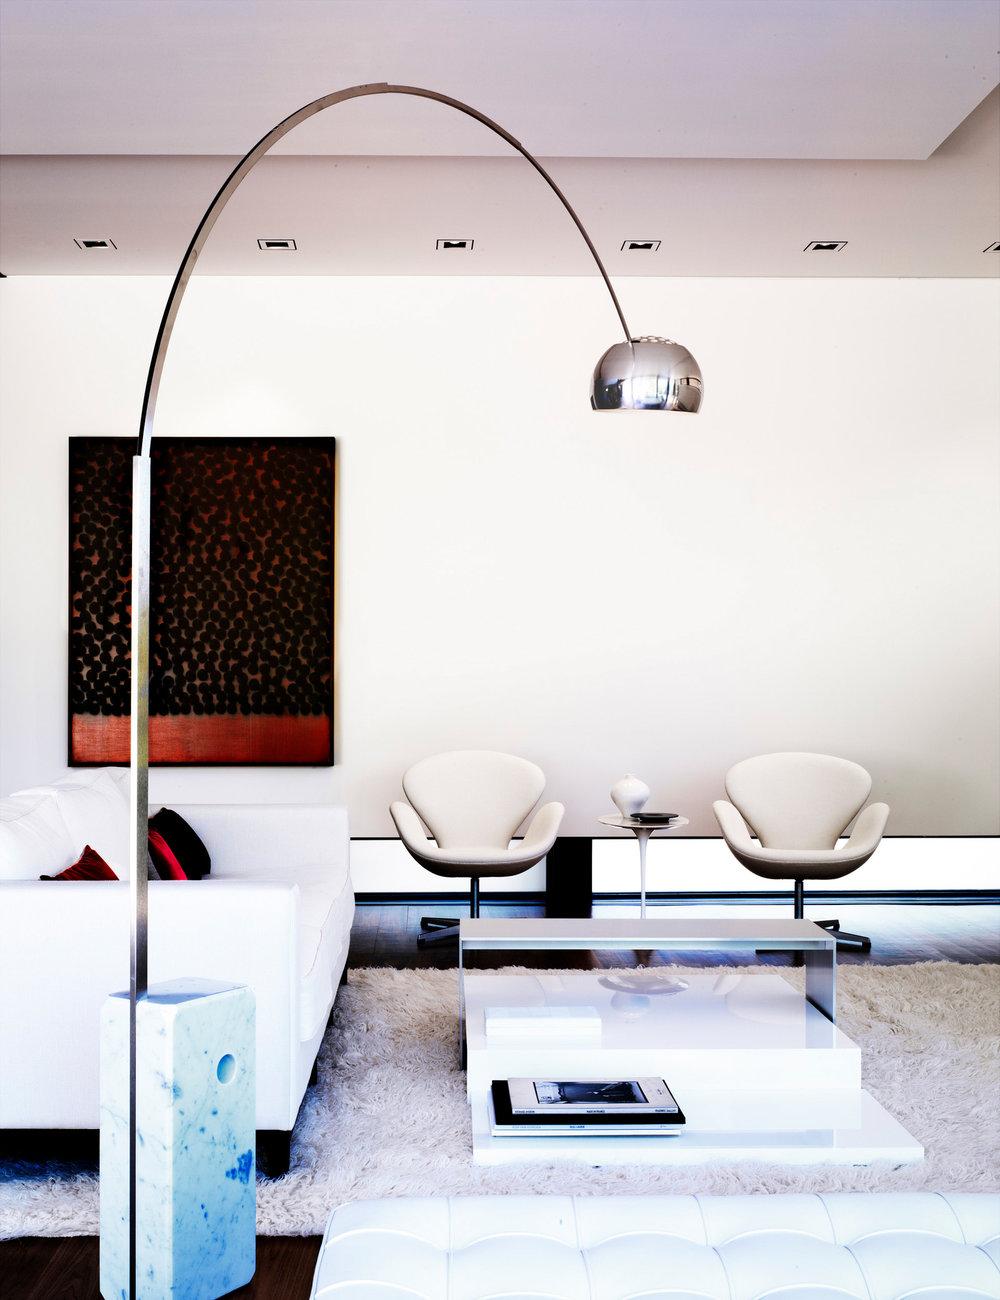 218807-10854104-livingroom1_jpg.jpg